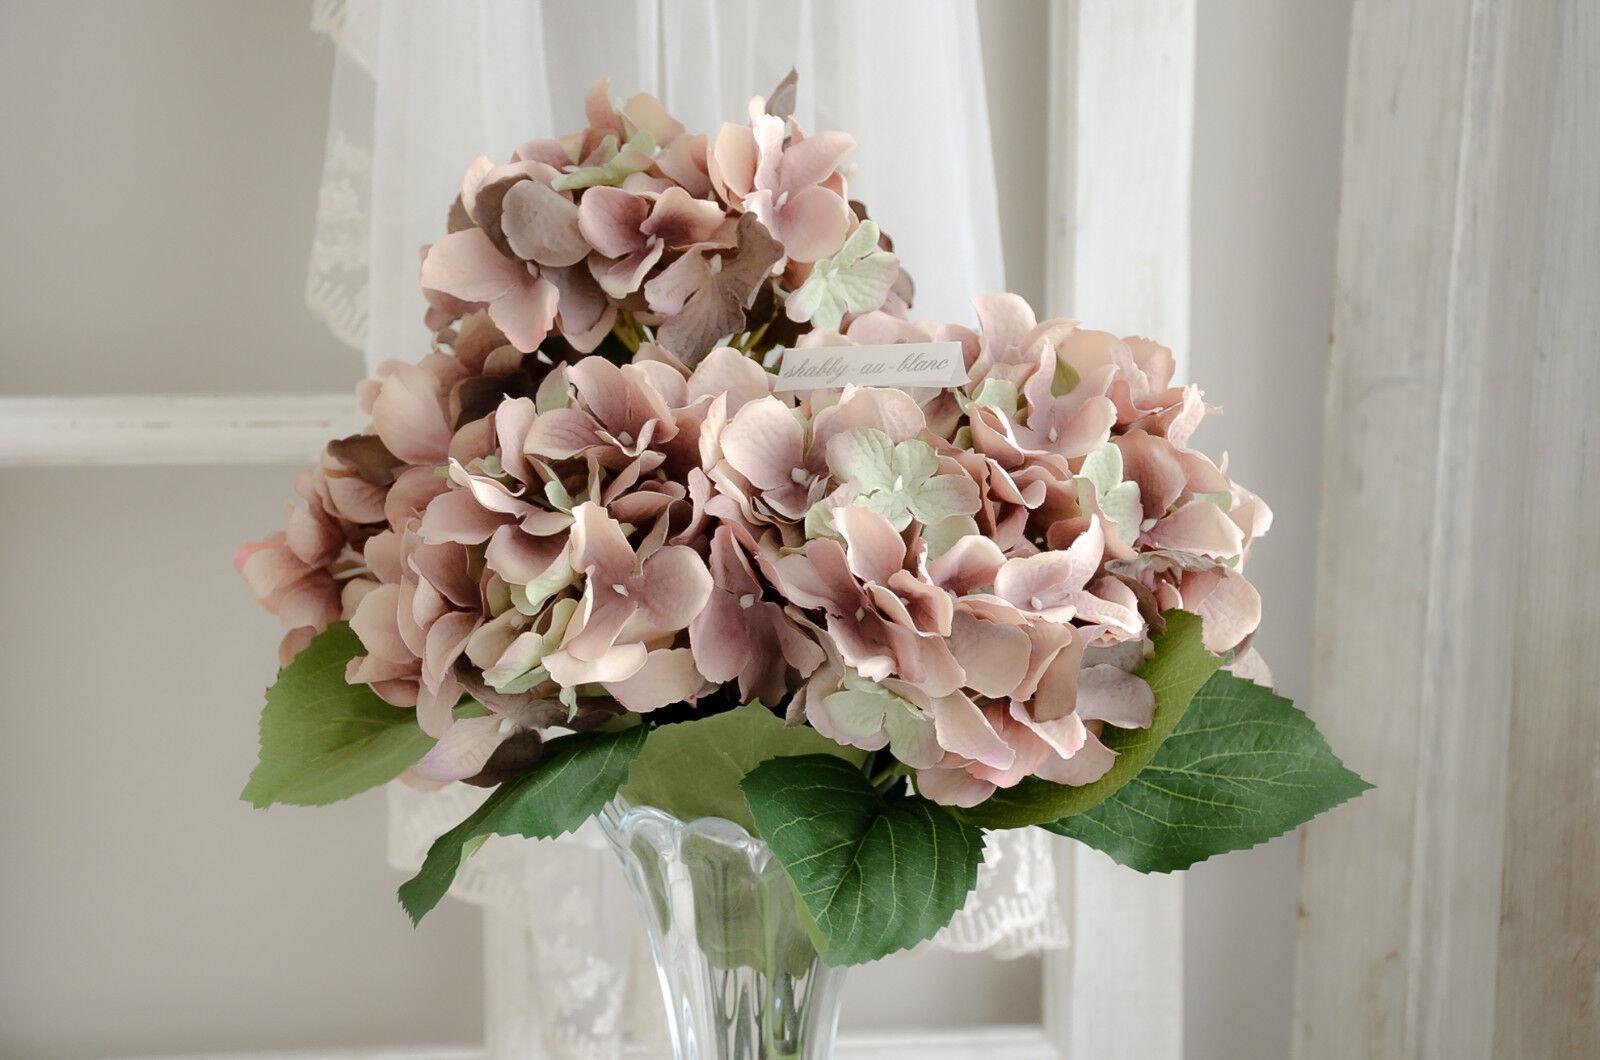 Hortensie Kunstblumen Strauß Seidenblumen Blumen  Shabby Chic Landhaus